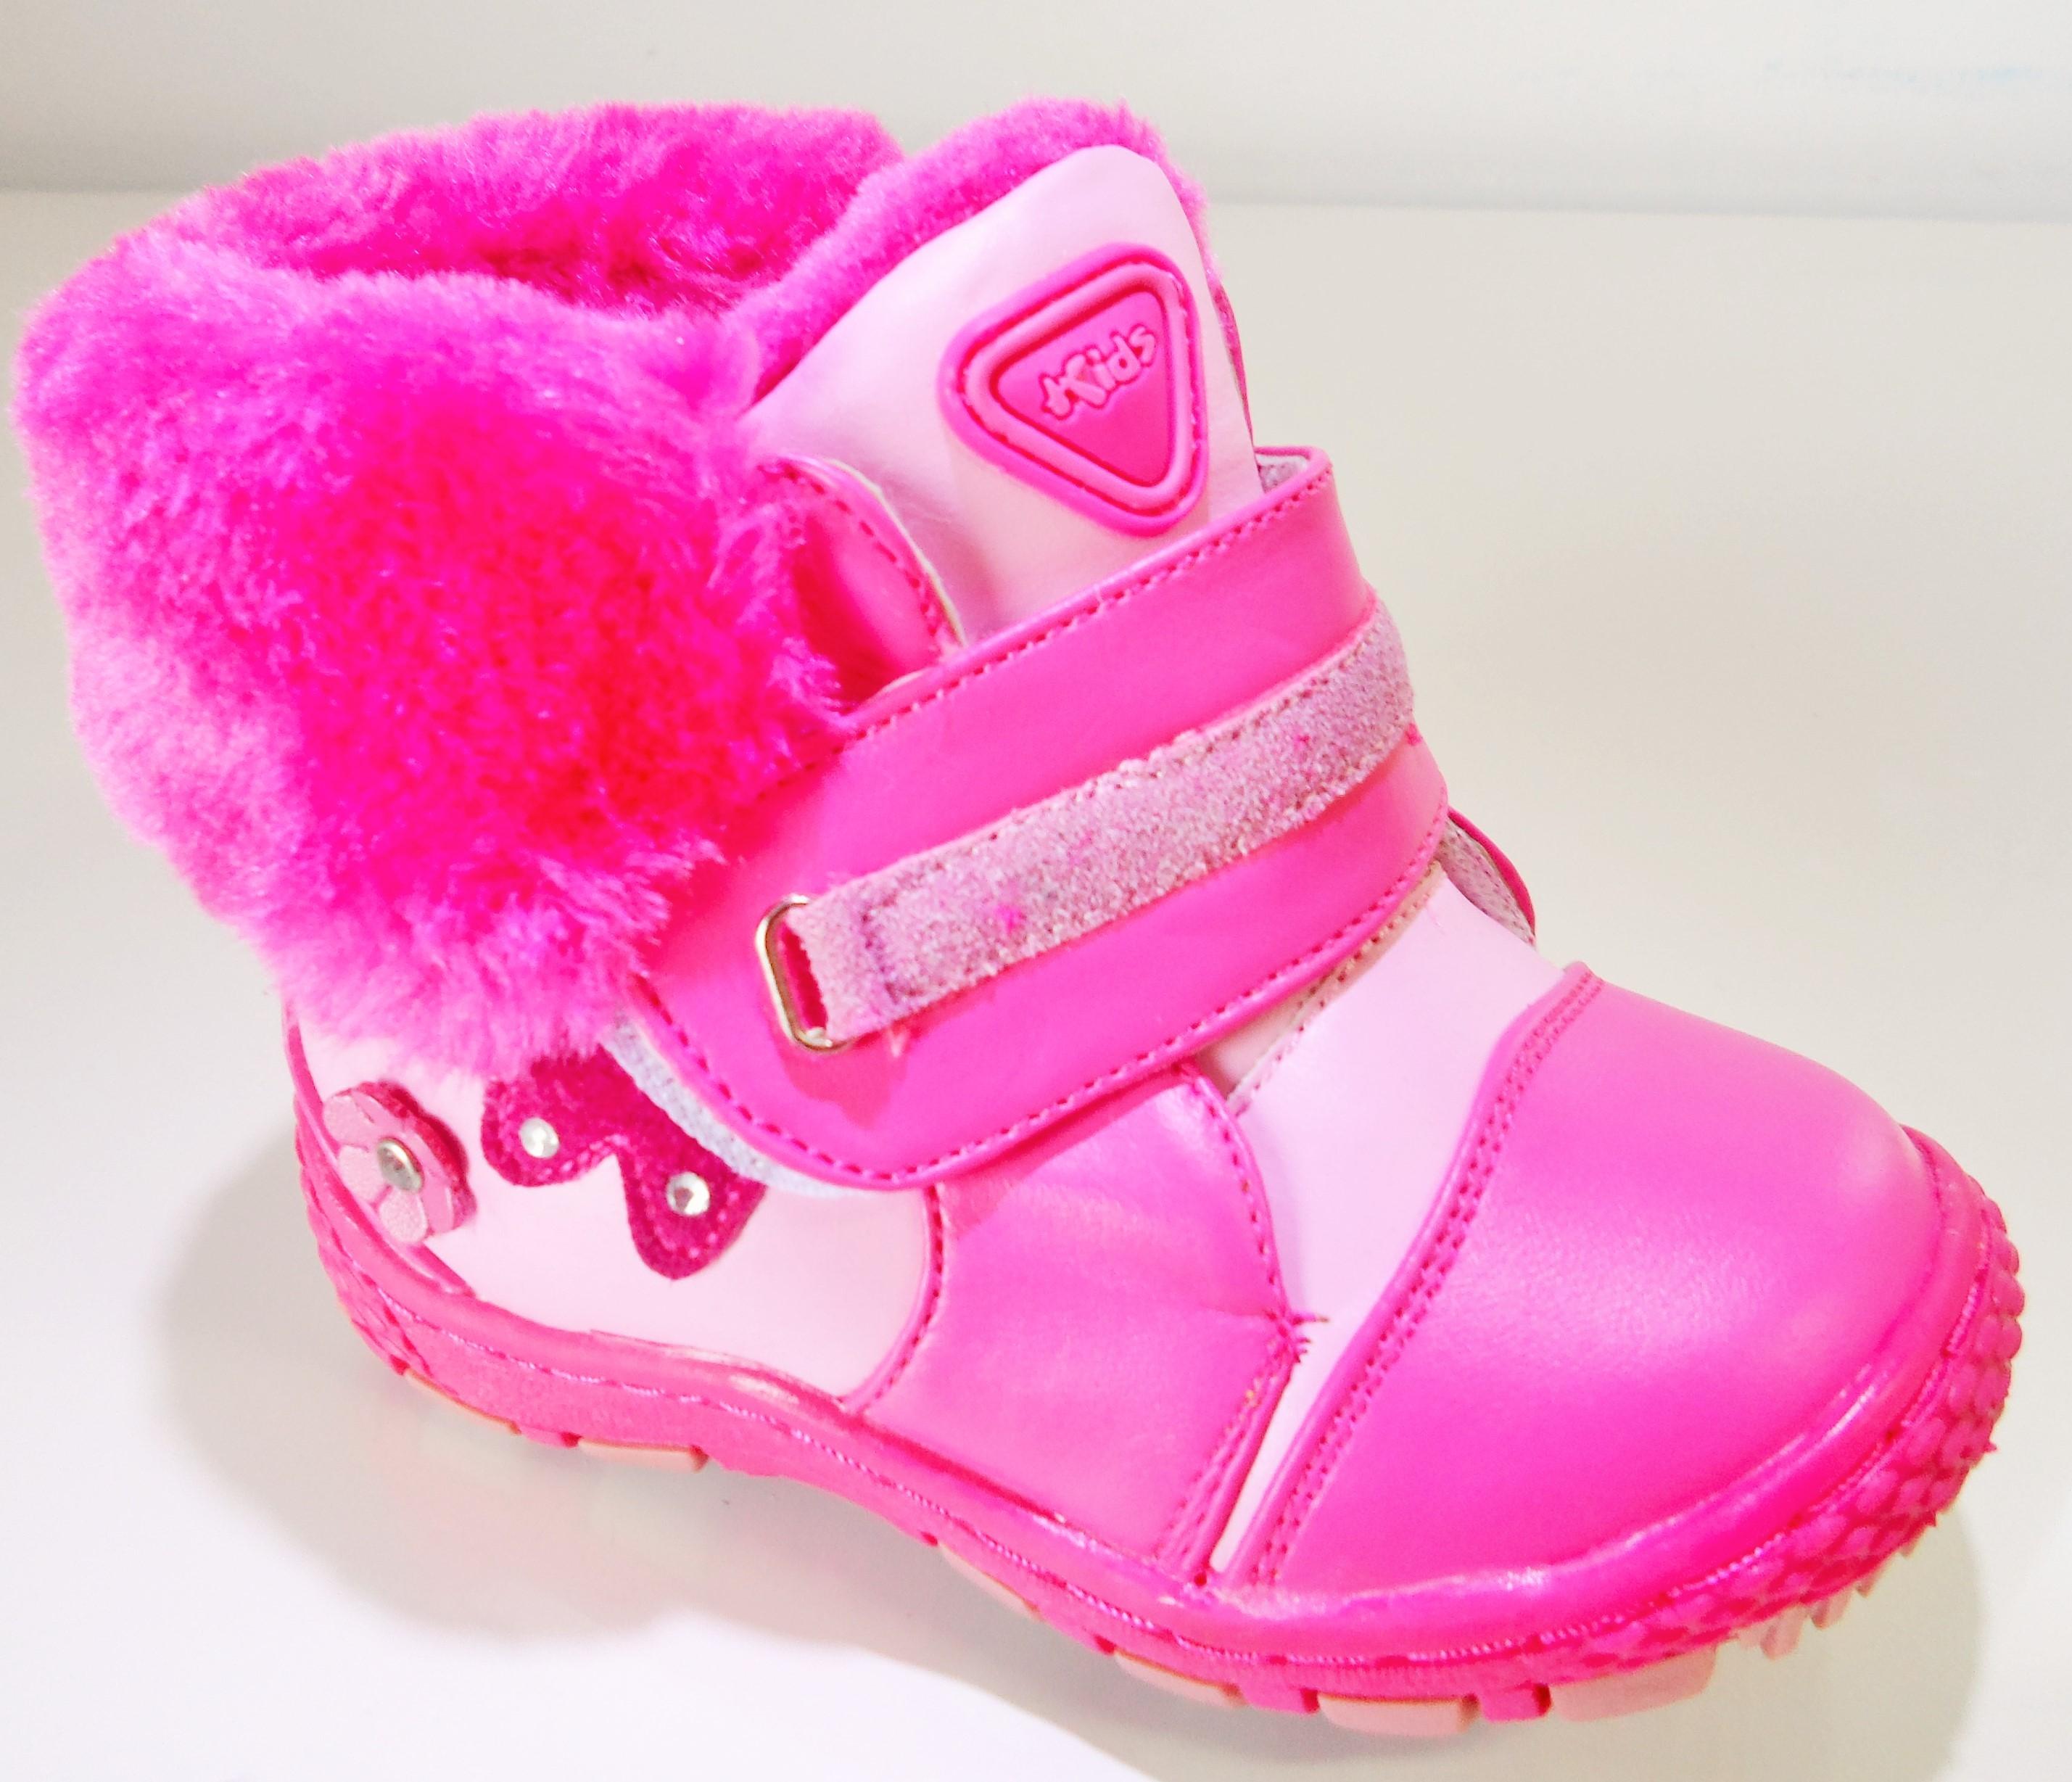 Ghete roz inchis cu blana fete marimi 22-27 blanite, inchidere cu scai si fermoar 0